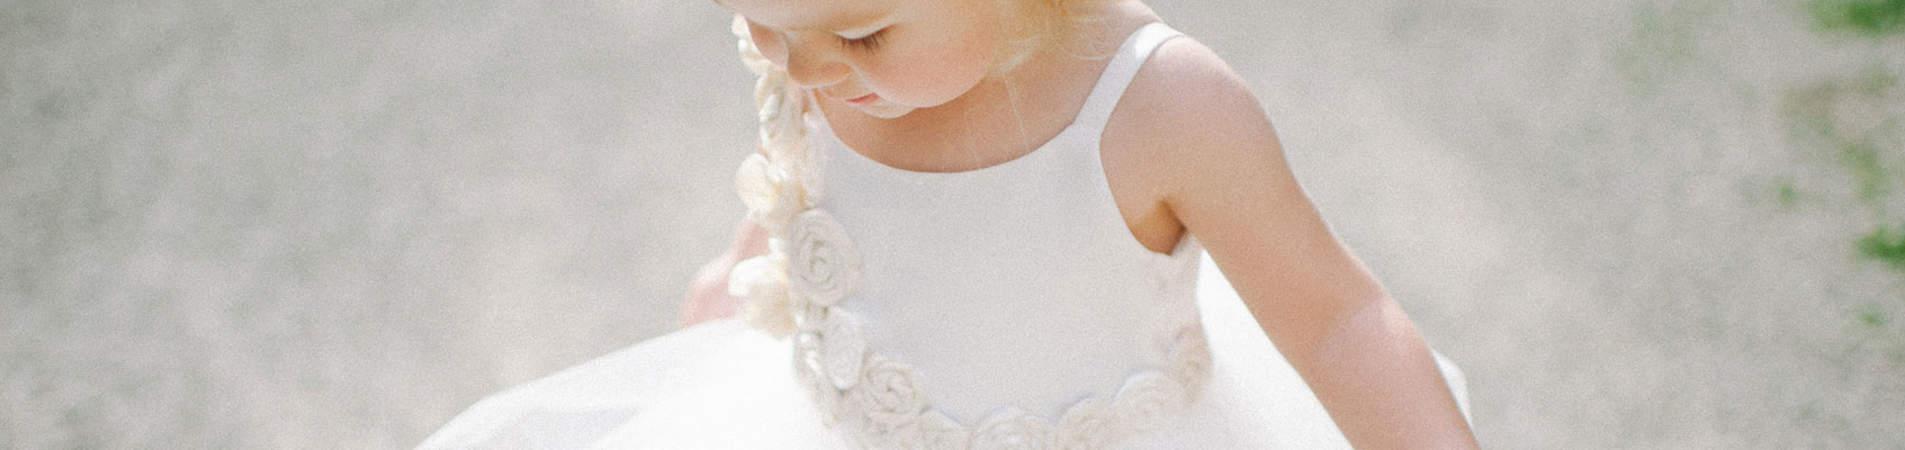 1d9f20023 Trajes para niños en matrimonios   Nuestra selección